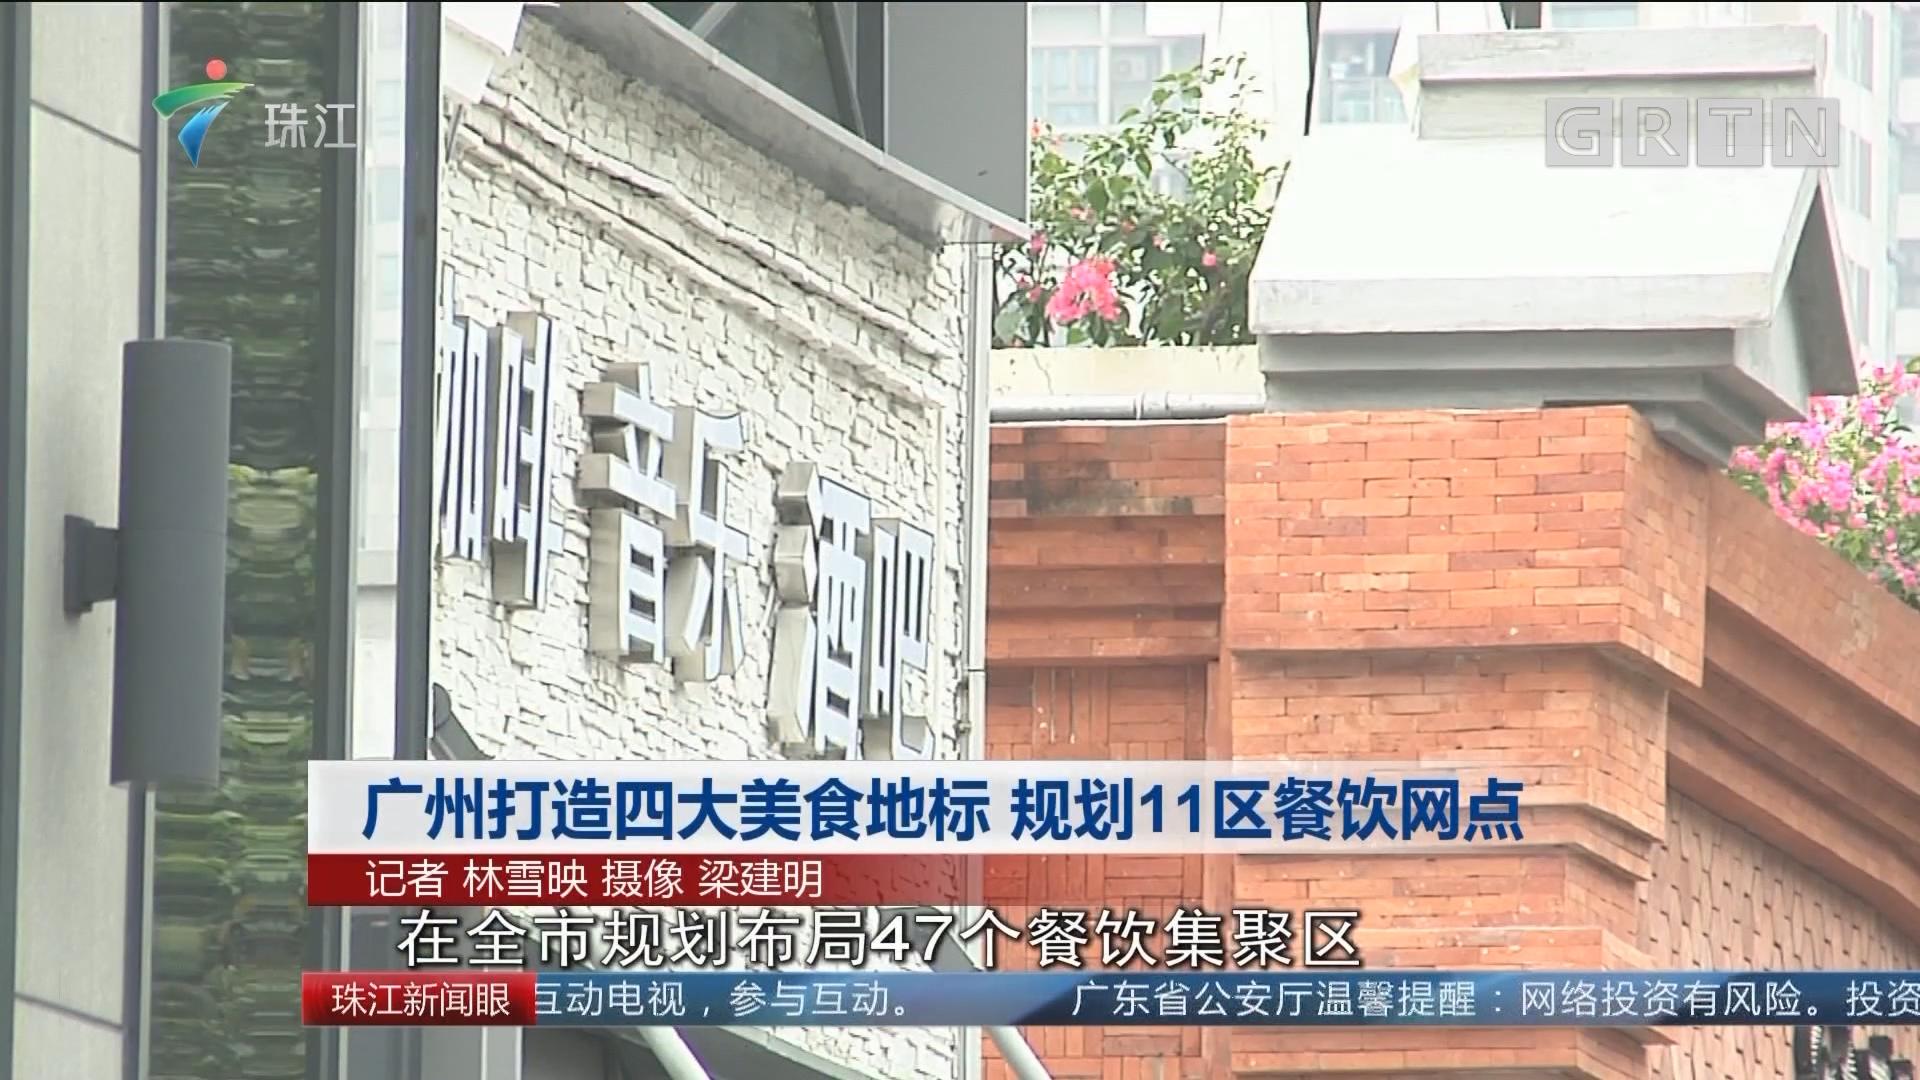 广州打造四大美食地标 规划11区餐饮网点